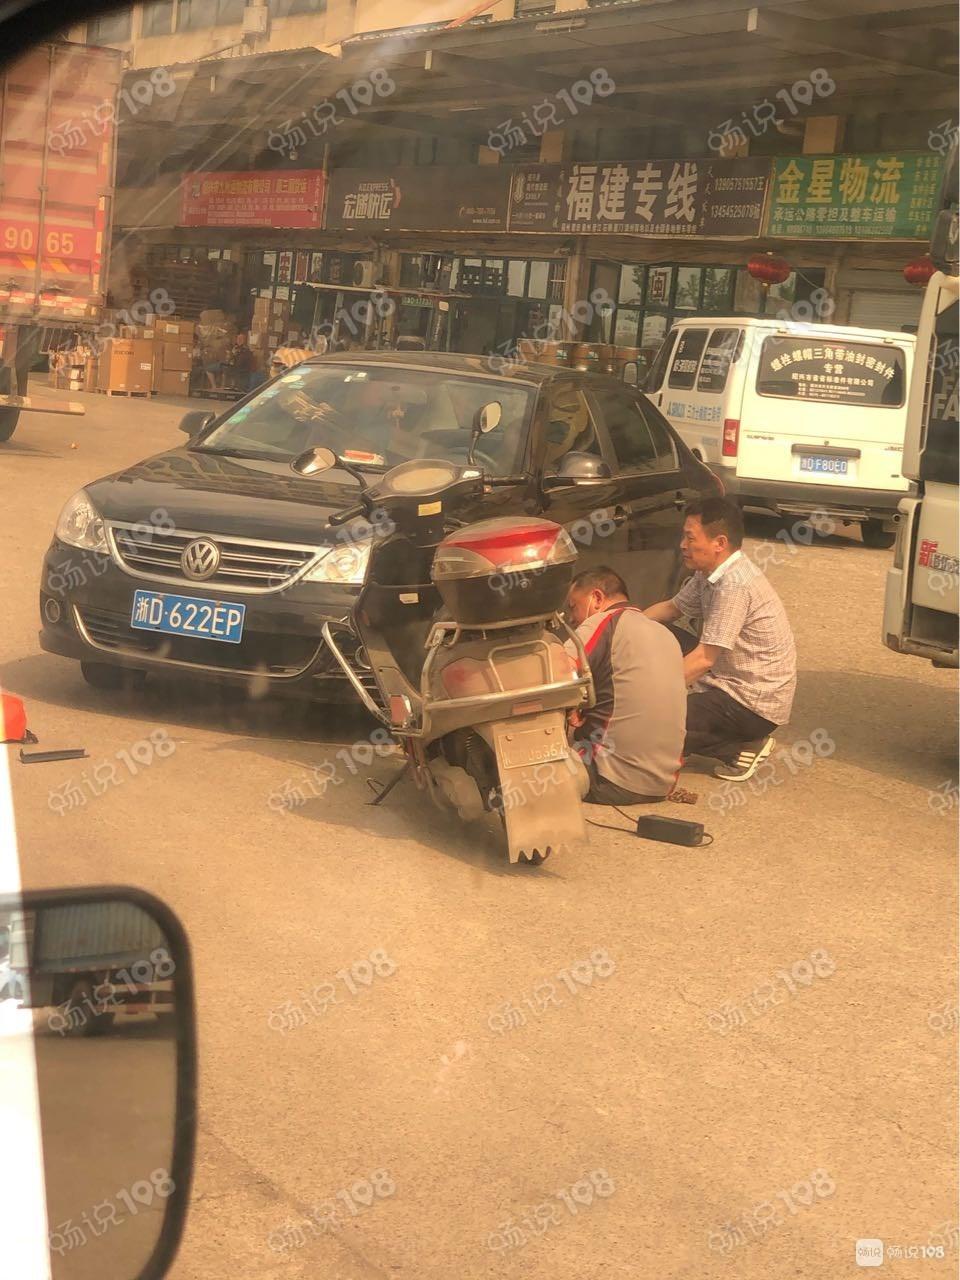 围了好多人!越城一大哥骑车被撞,腿部骨折脾胃受伤